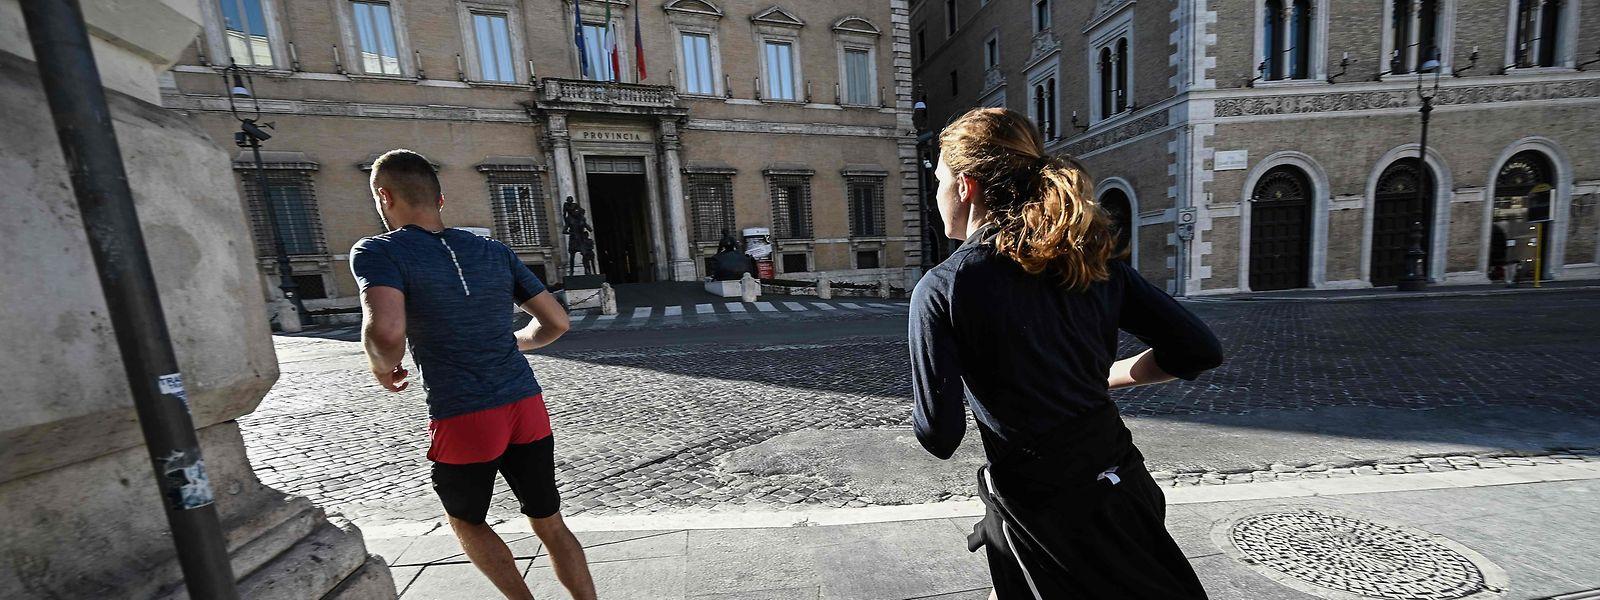 Comme dans le nord de l'Italie qui a déjà pris cette mesure, les activités sportives de plein air pourraient être interdites.